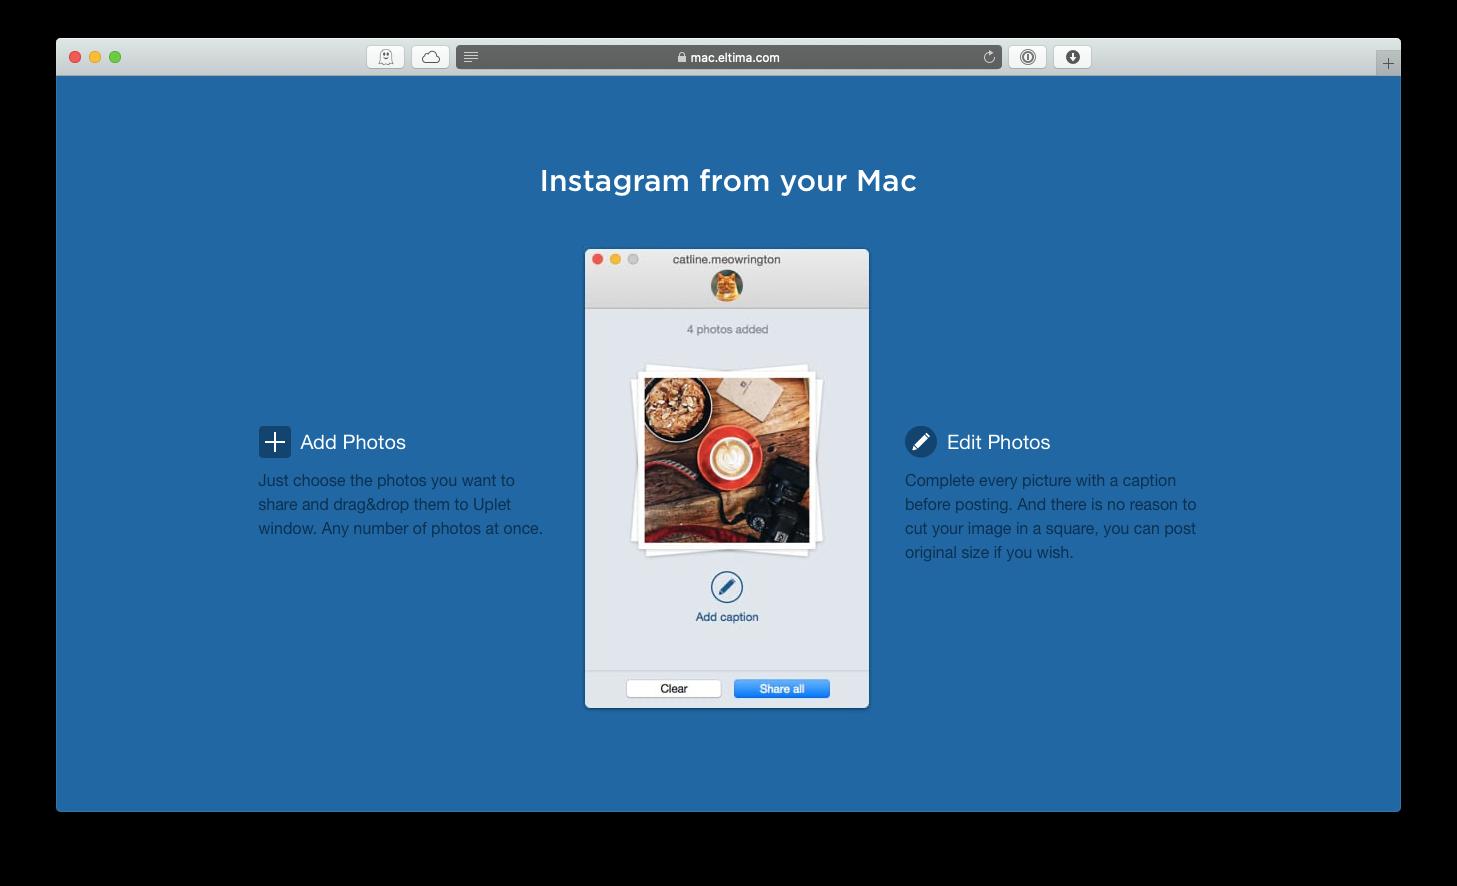 Uplet upload Instagram bulk